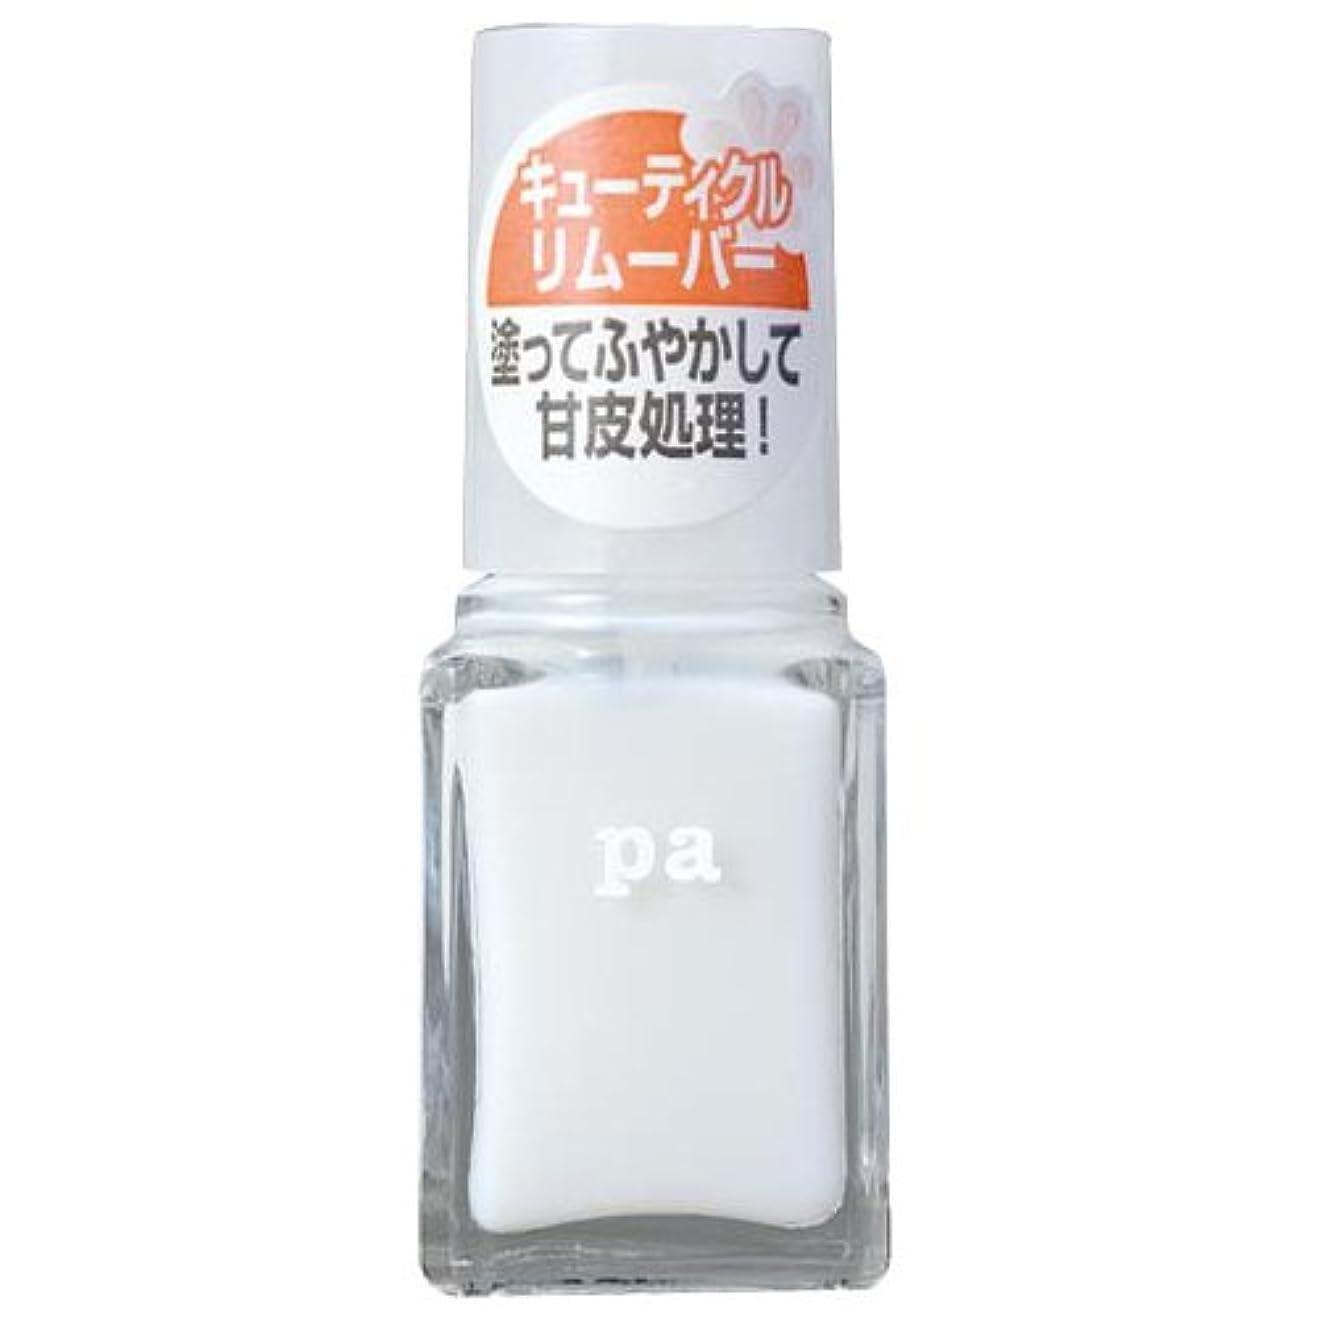 パンダイヤモンド加害者pa キューティクルリムーバーR base07 (6mL)